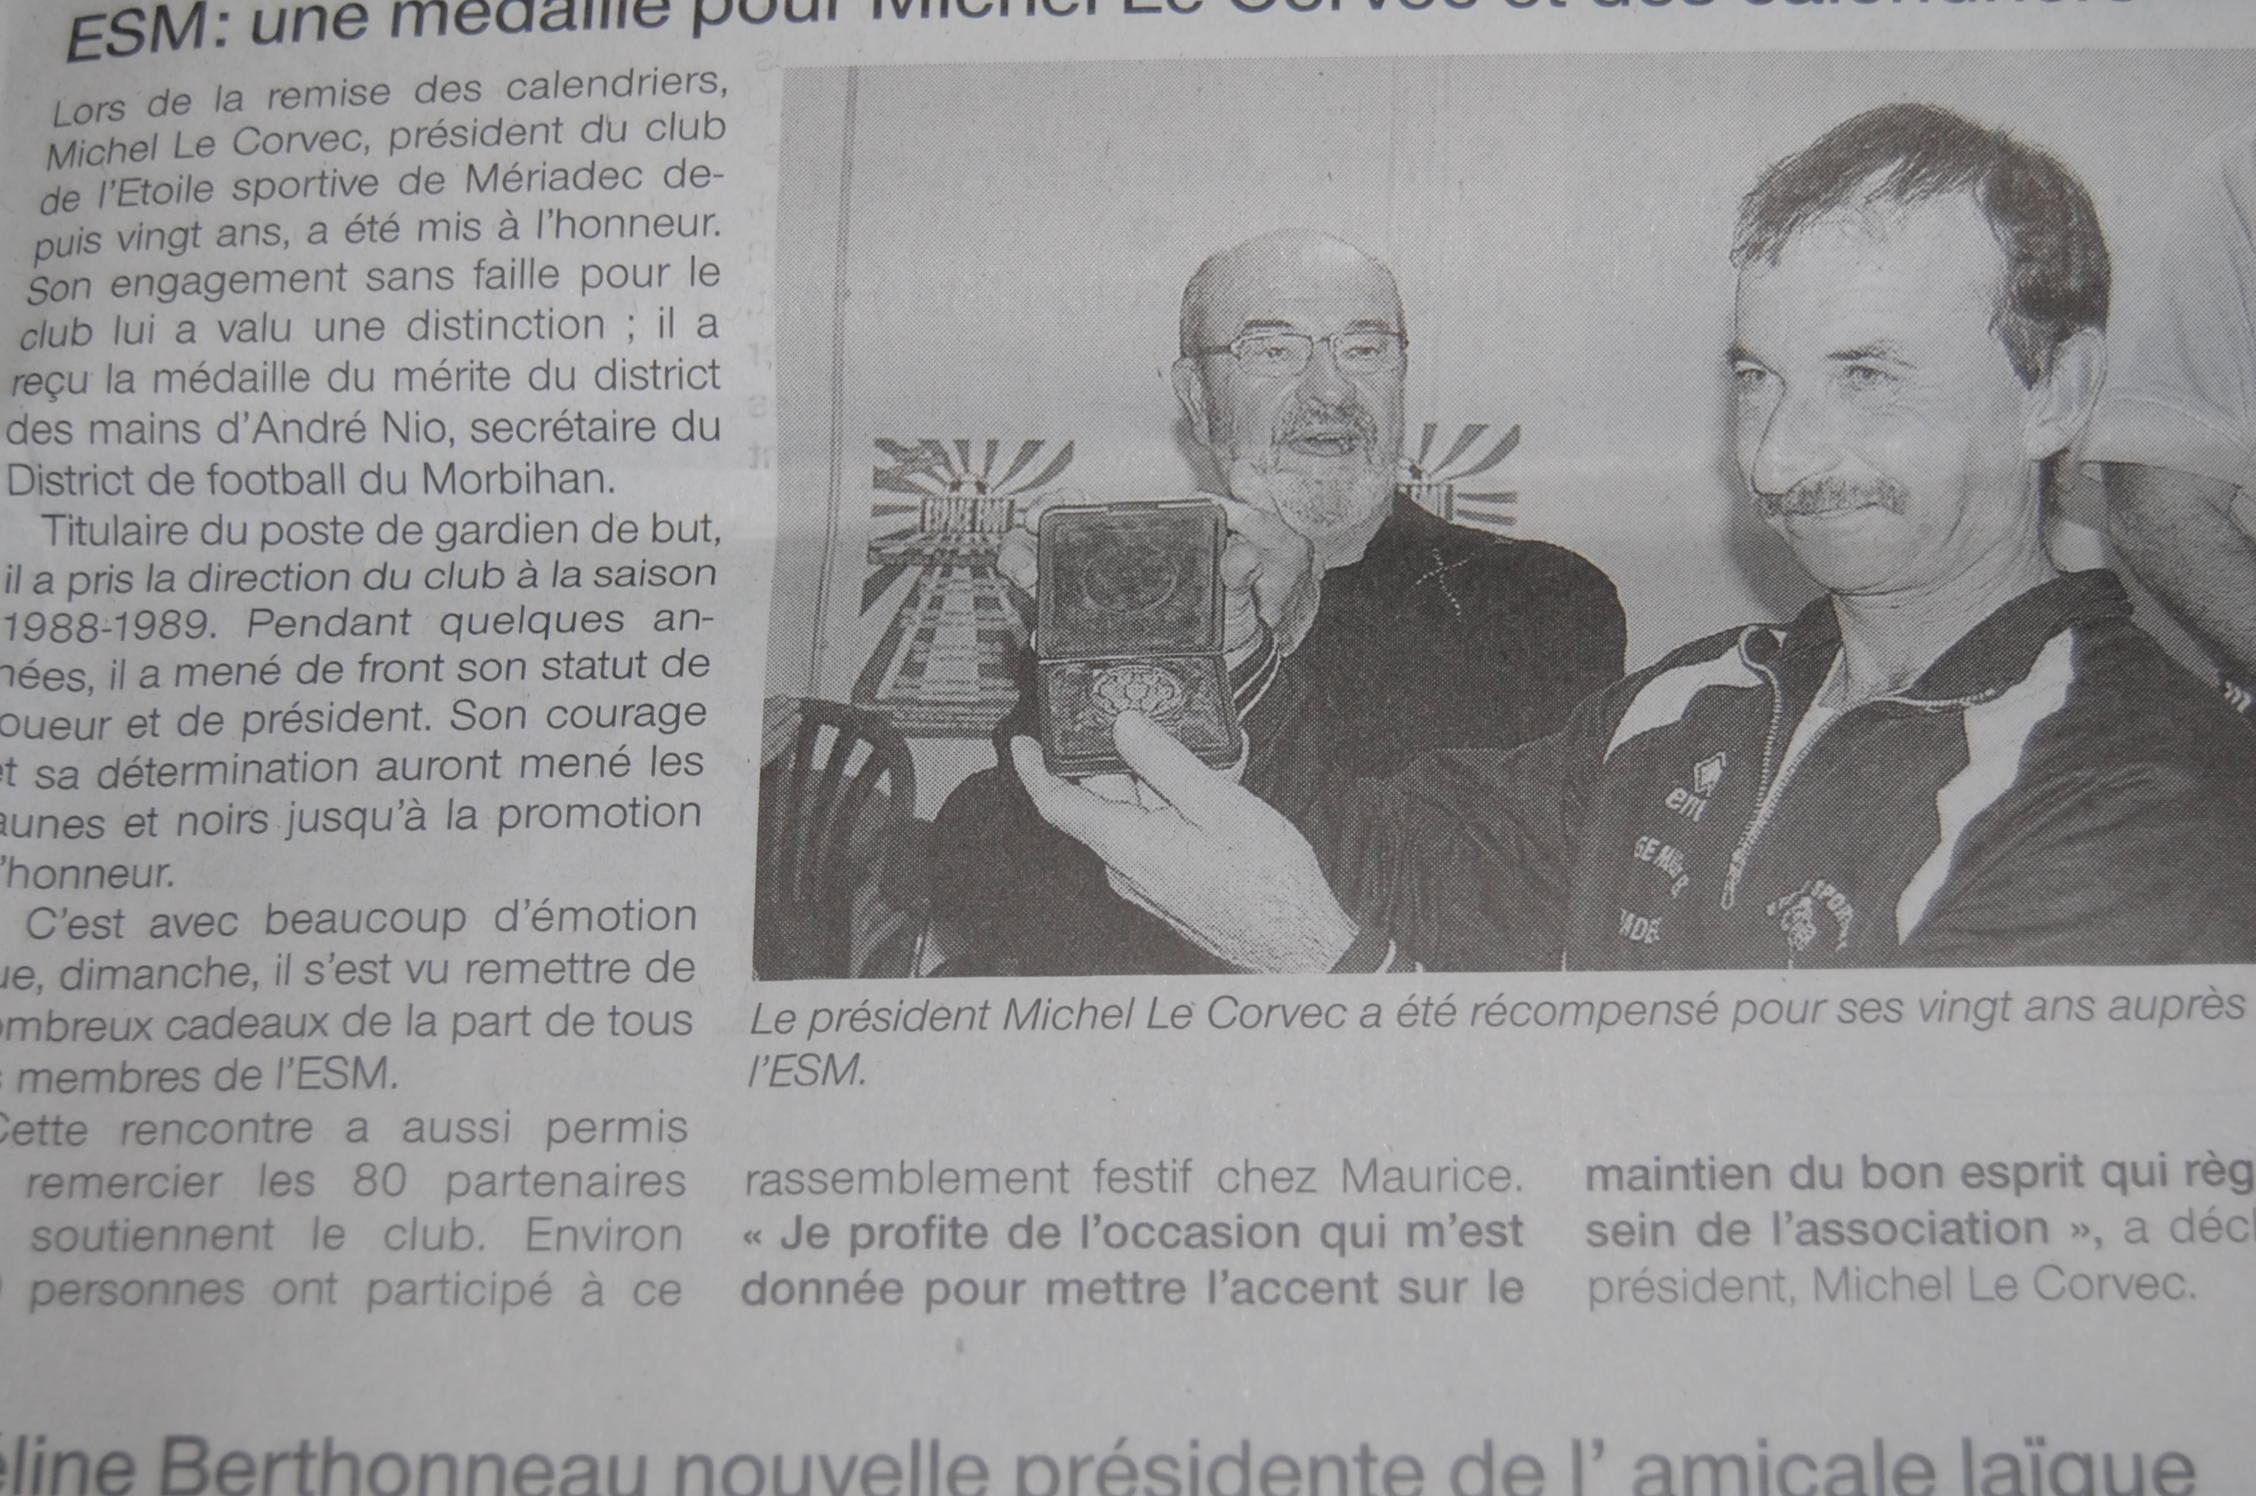 20 ans de presidence pour michel le corvec